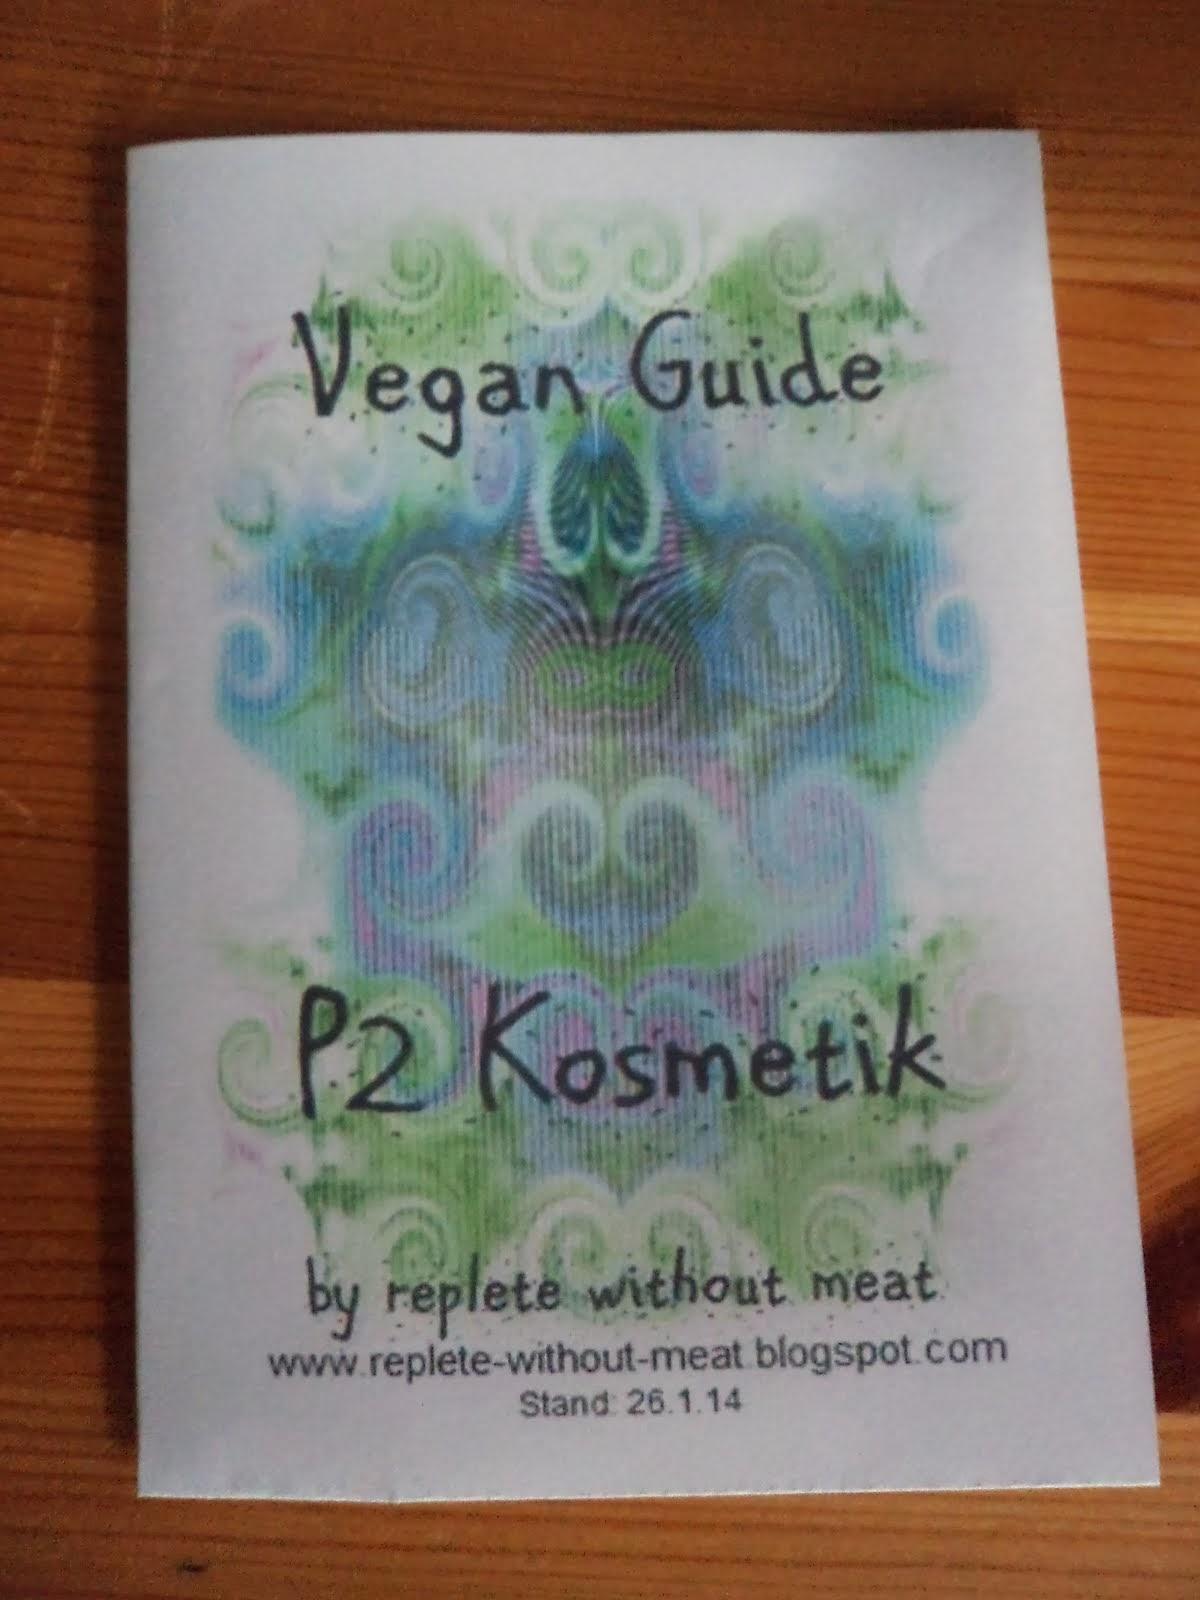 Faltblatt der veganen P2 Kosmetik-Produkte: Zum Ausdrucken und Mitnehmen!